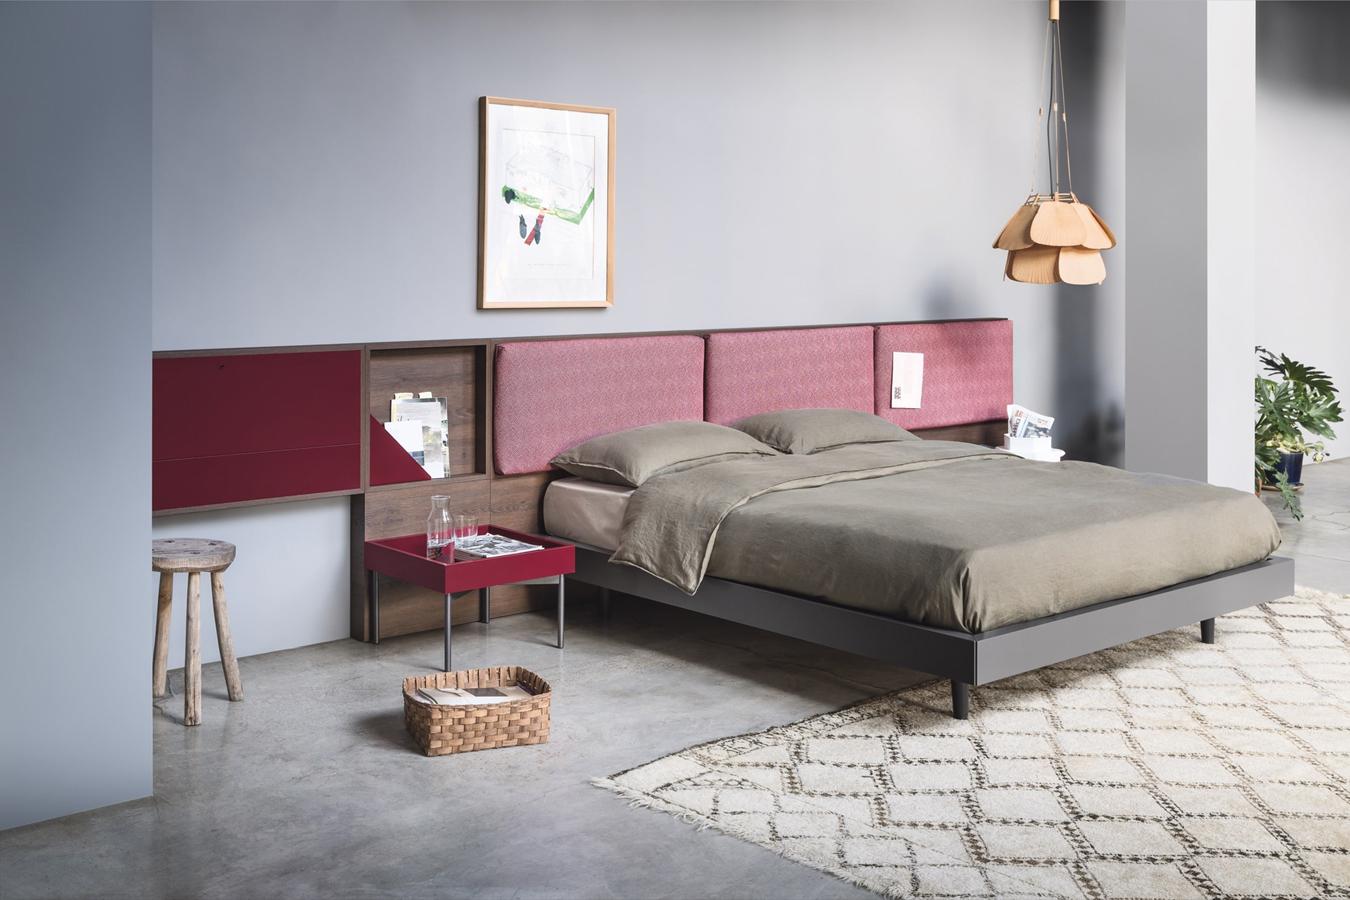 Novamobili-camera-da-letto-Cube-system